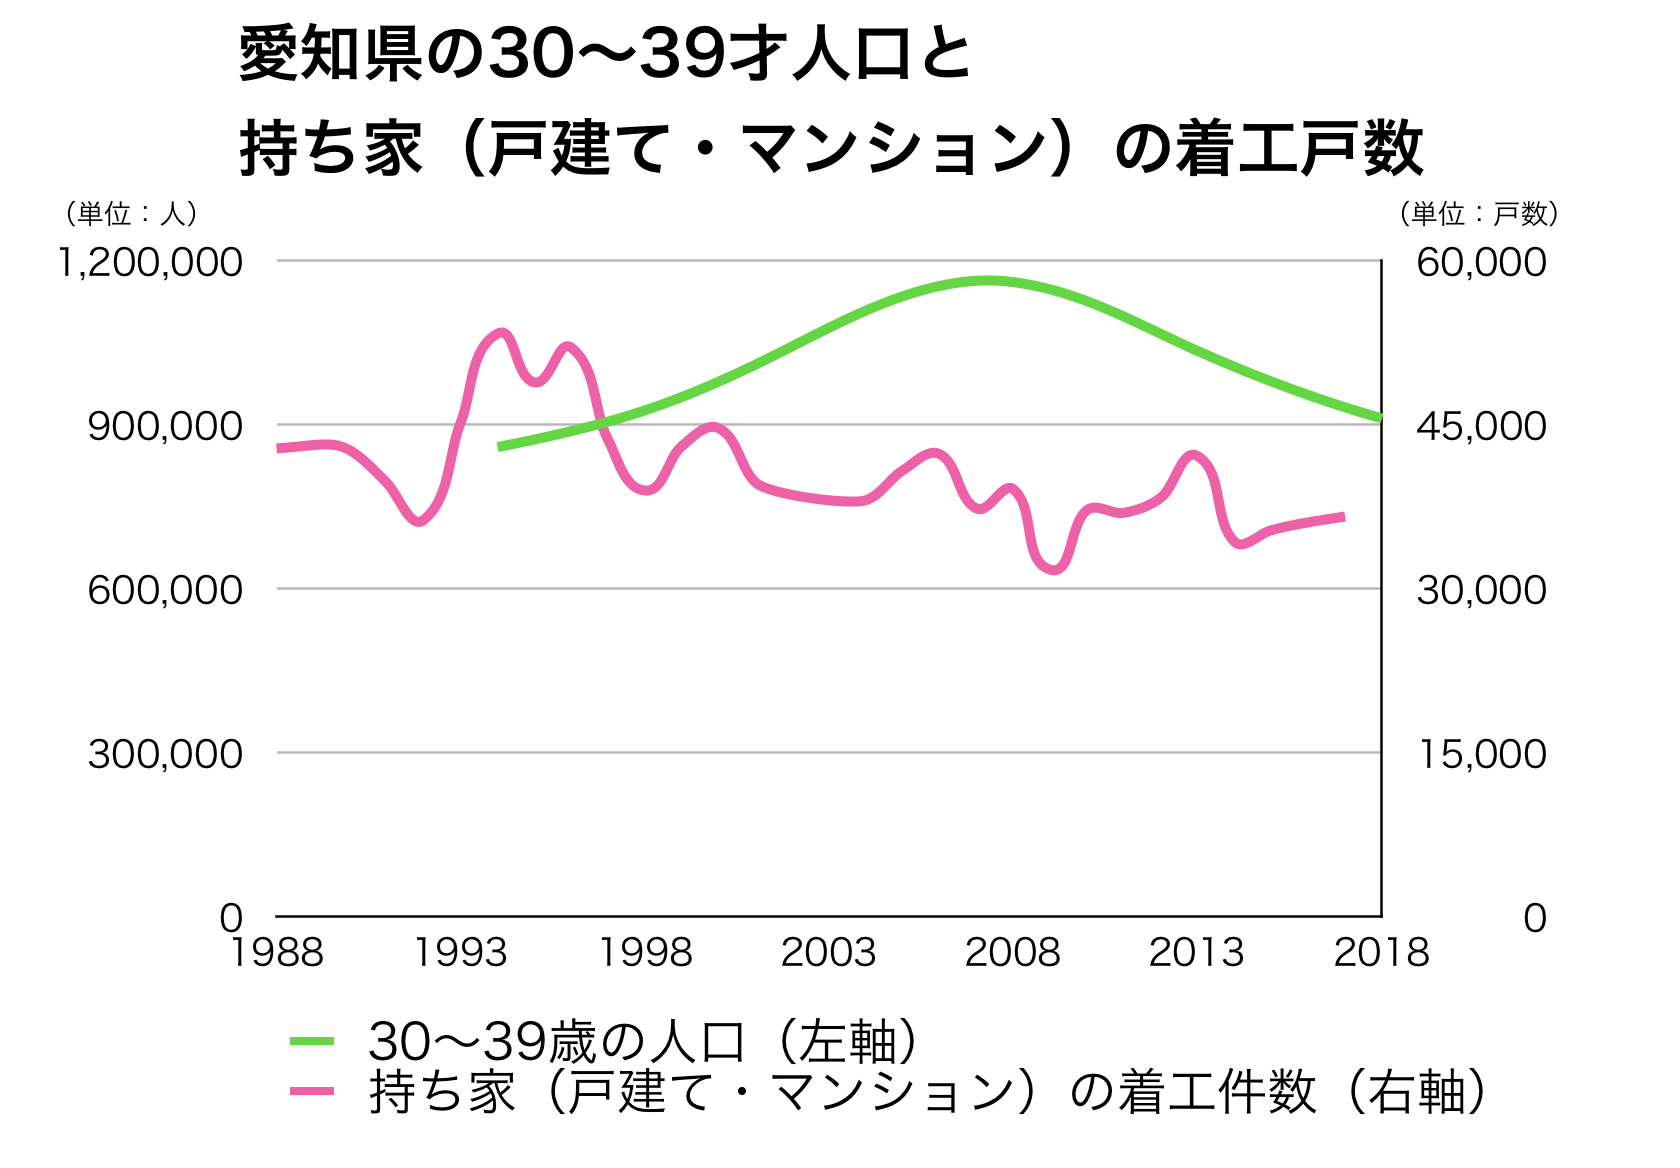 愛知県の30代人口と建設戸数